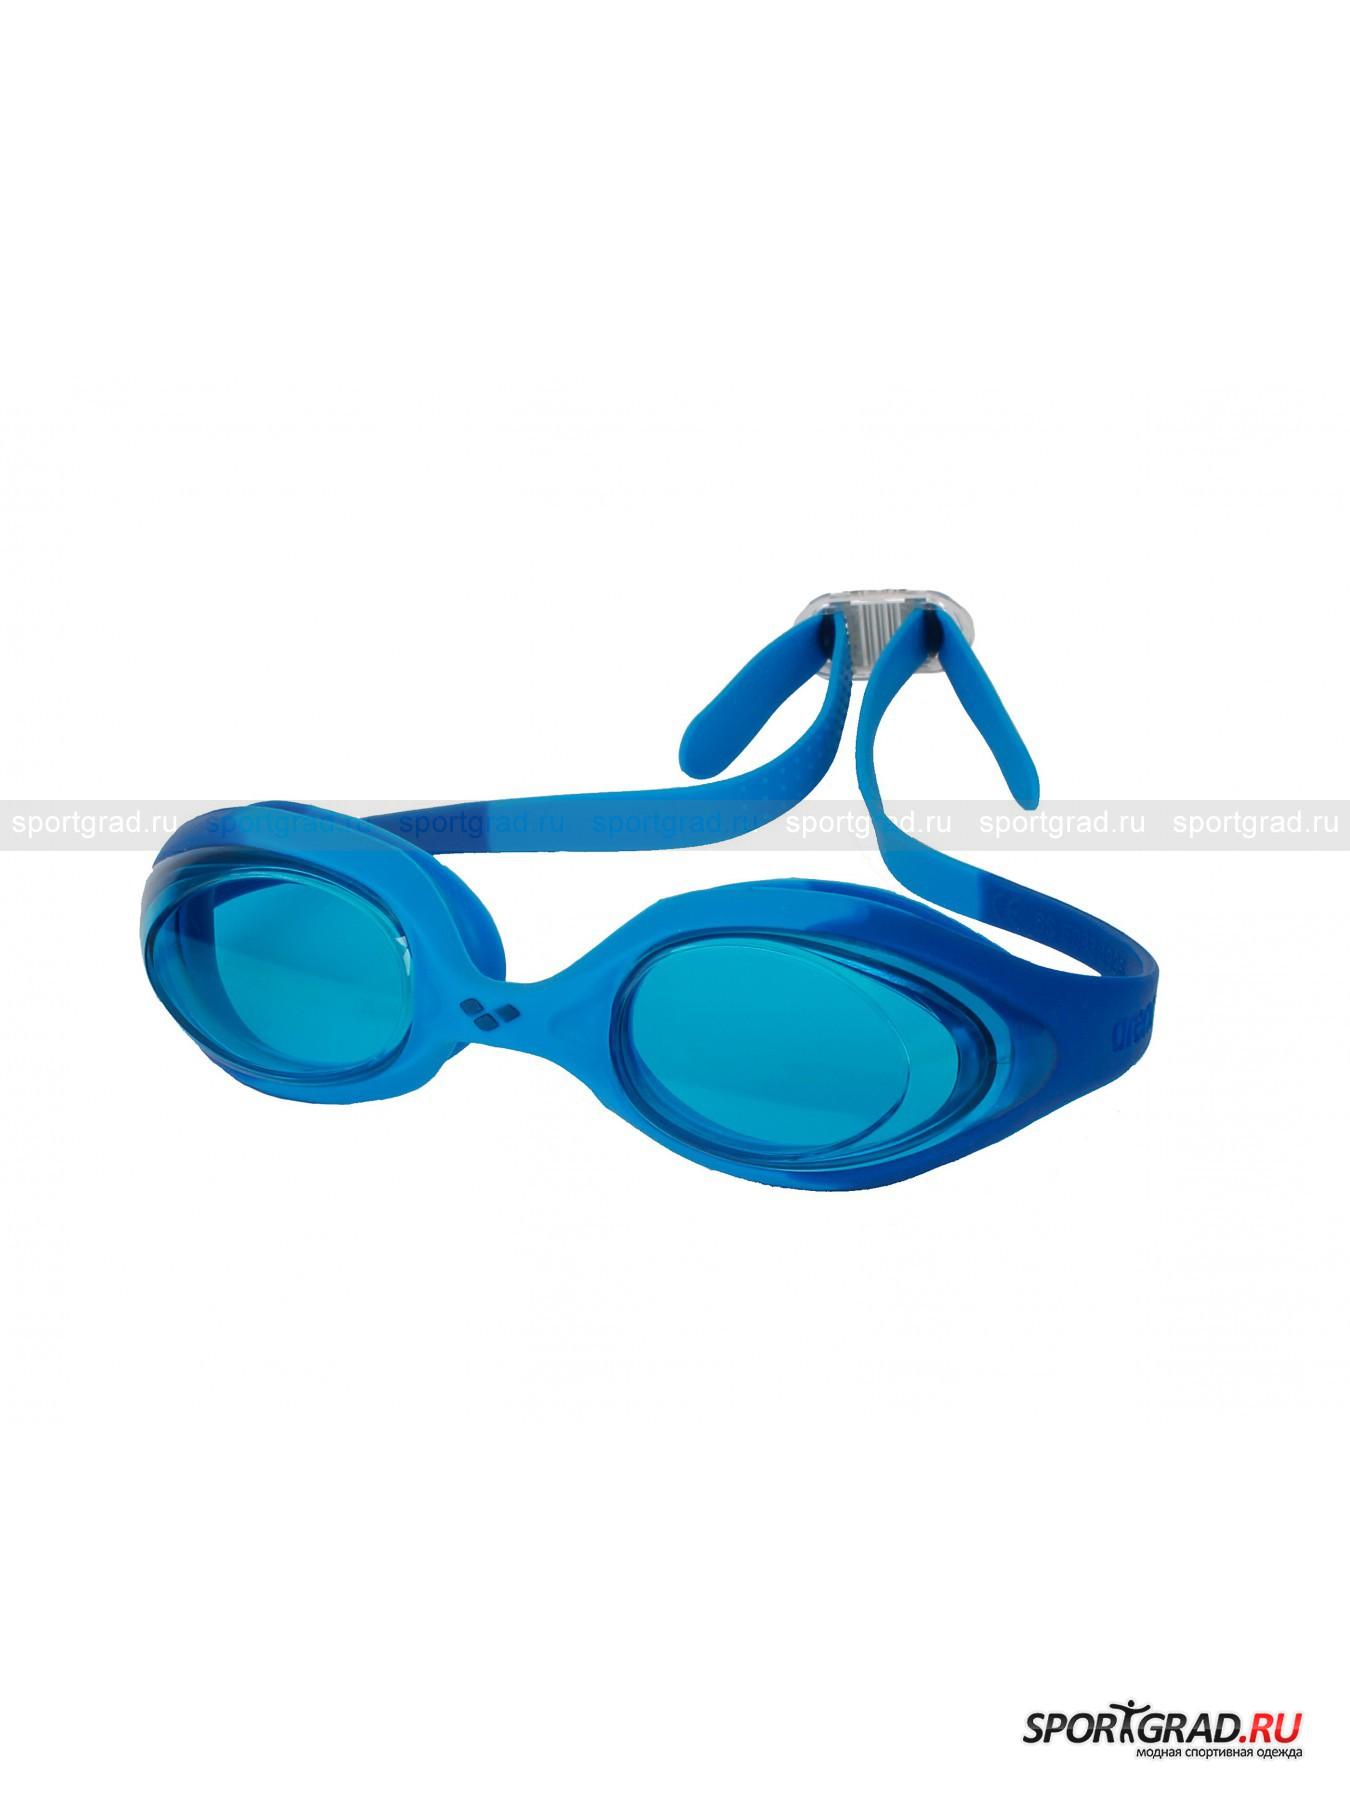 Очки для плавания детские ARENA Spider Junior